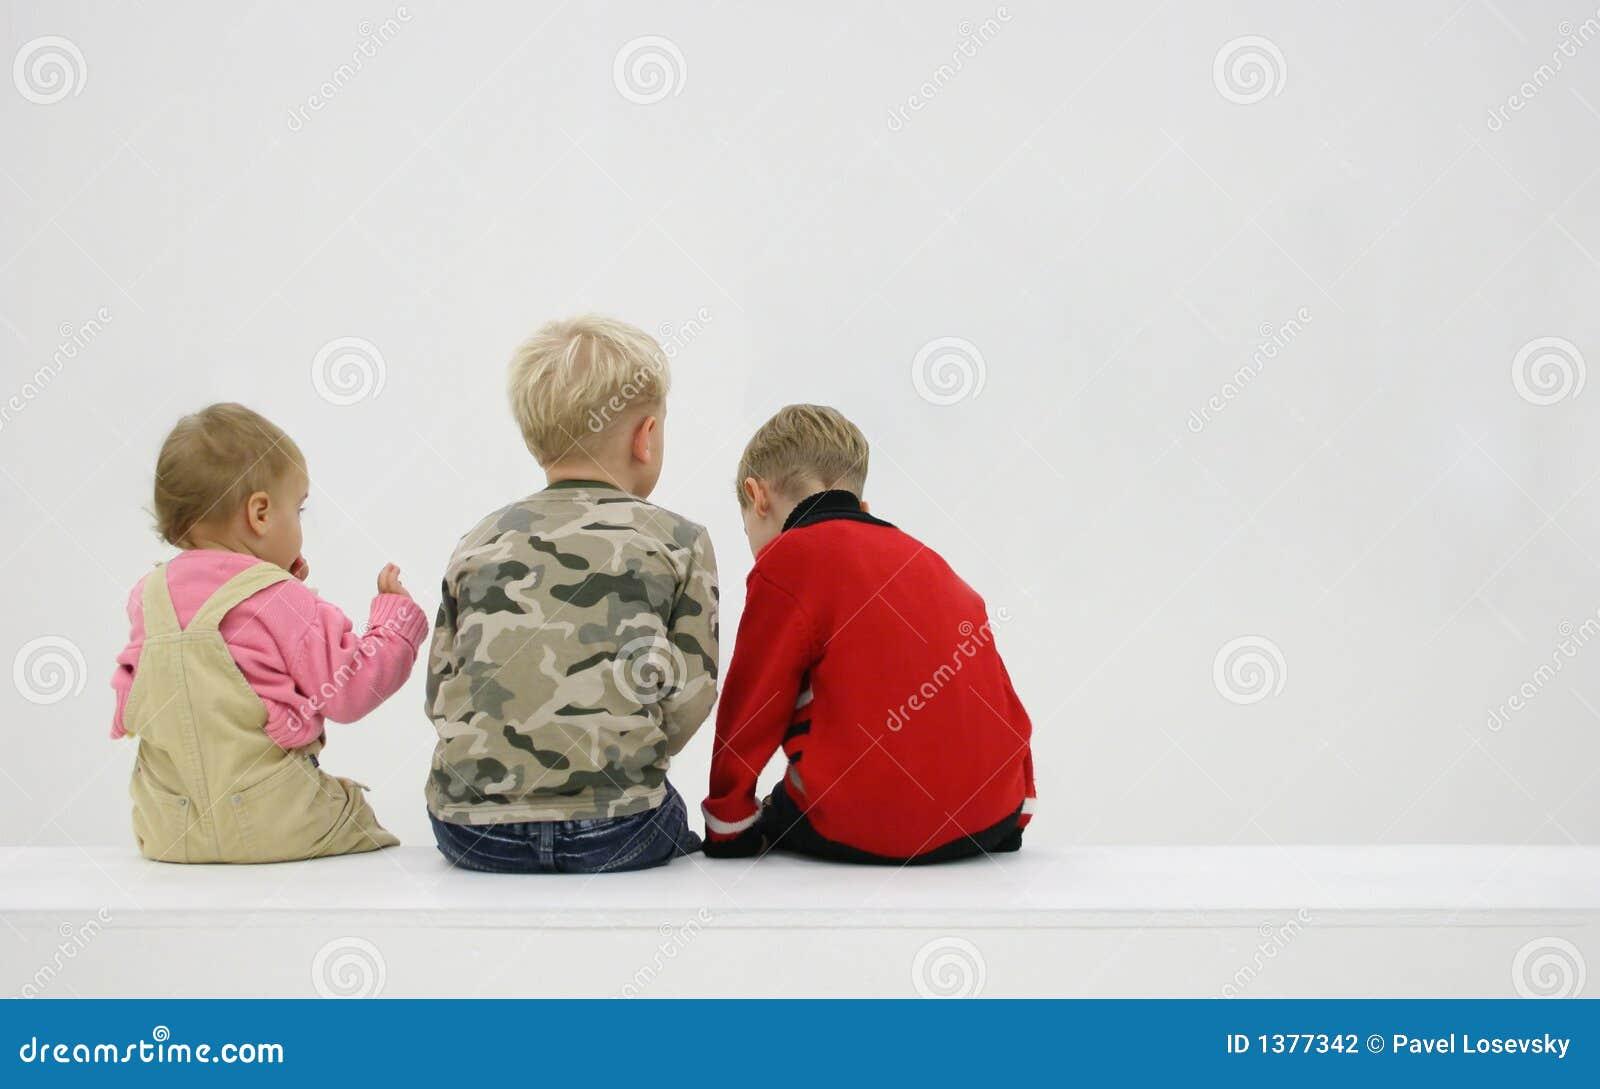 Children s backs